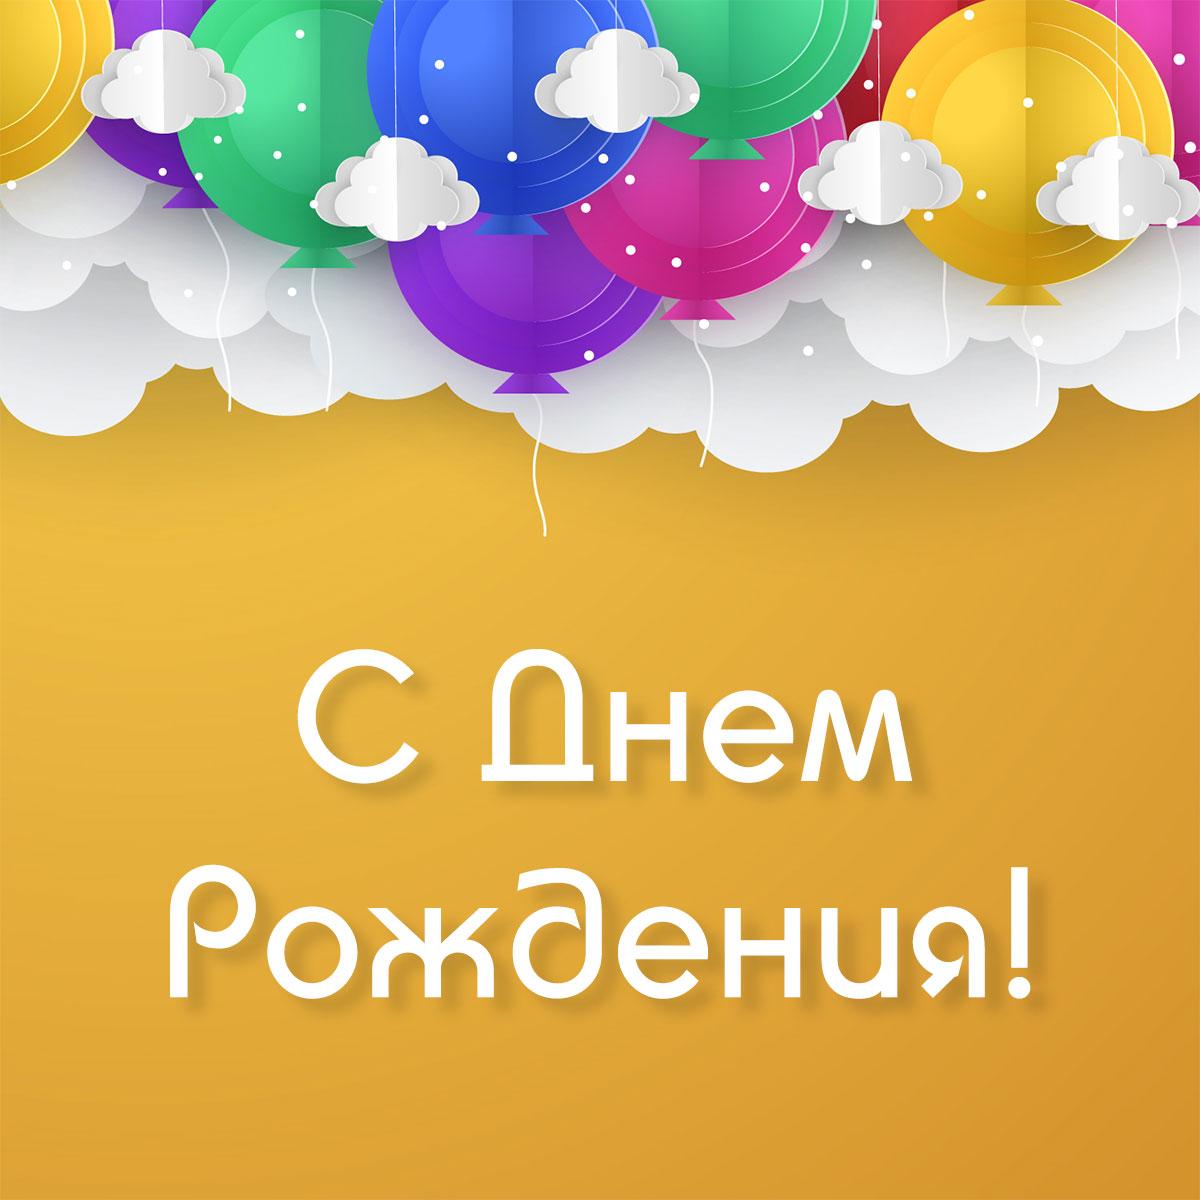 Картинка с текстом и детские воздушные шары на жёлтом фоне.